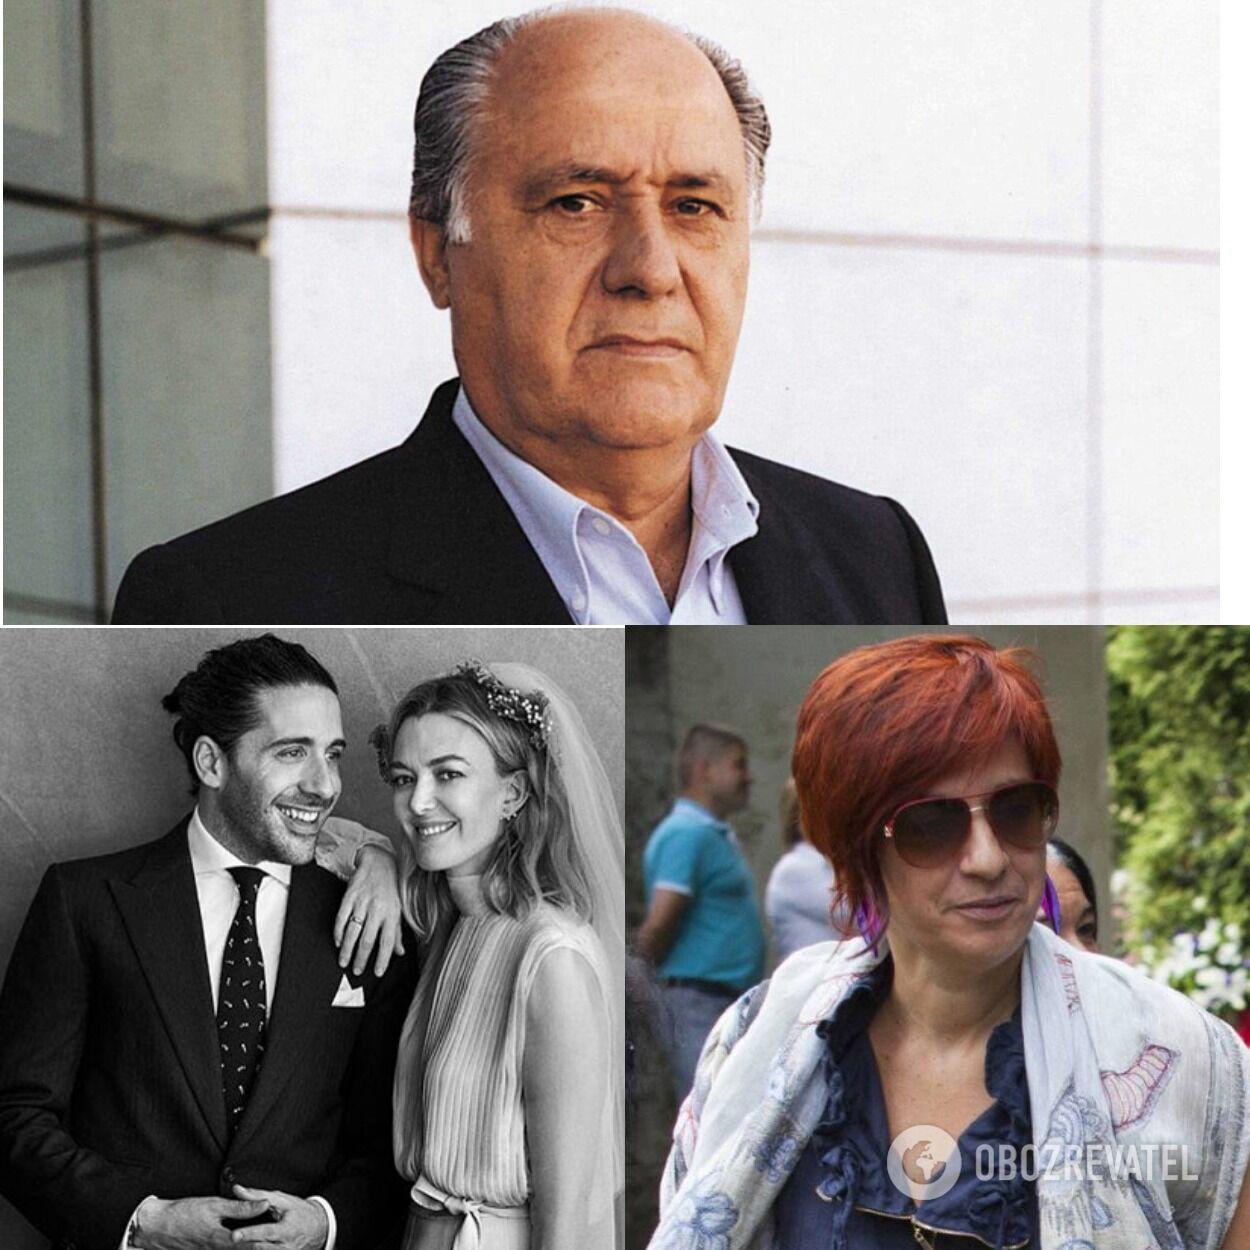 Дети сооснователя Inditex Амансио Ортега: Марта с мужем и Сандра (в очках)